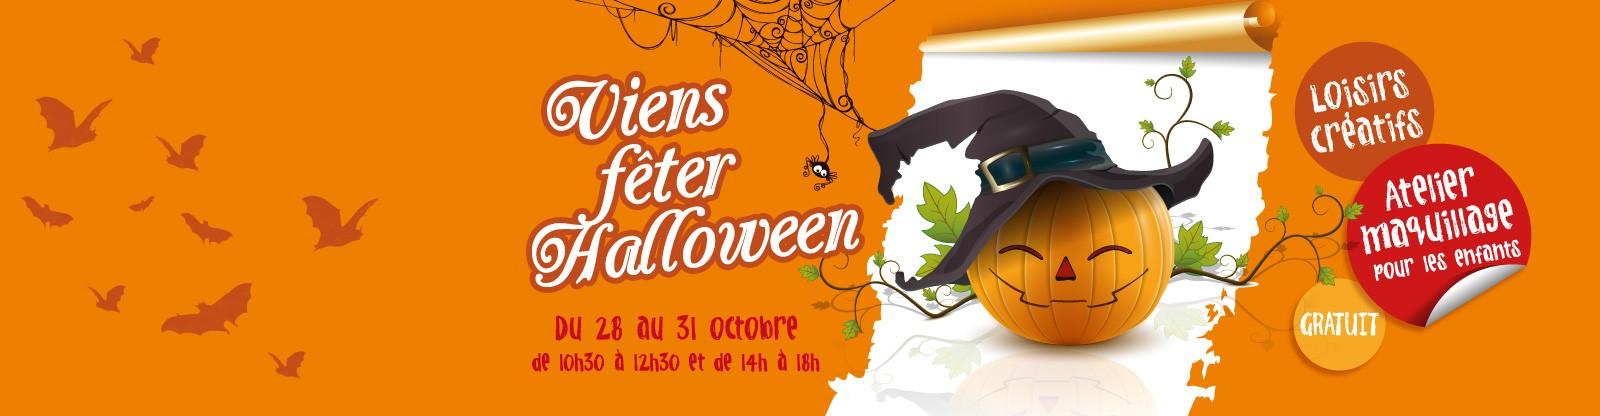 1600x416_SLIDER_Halloween